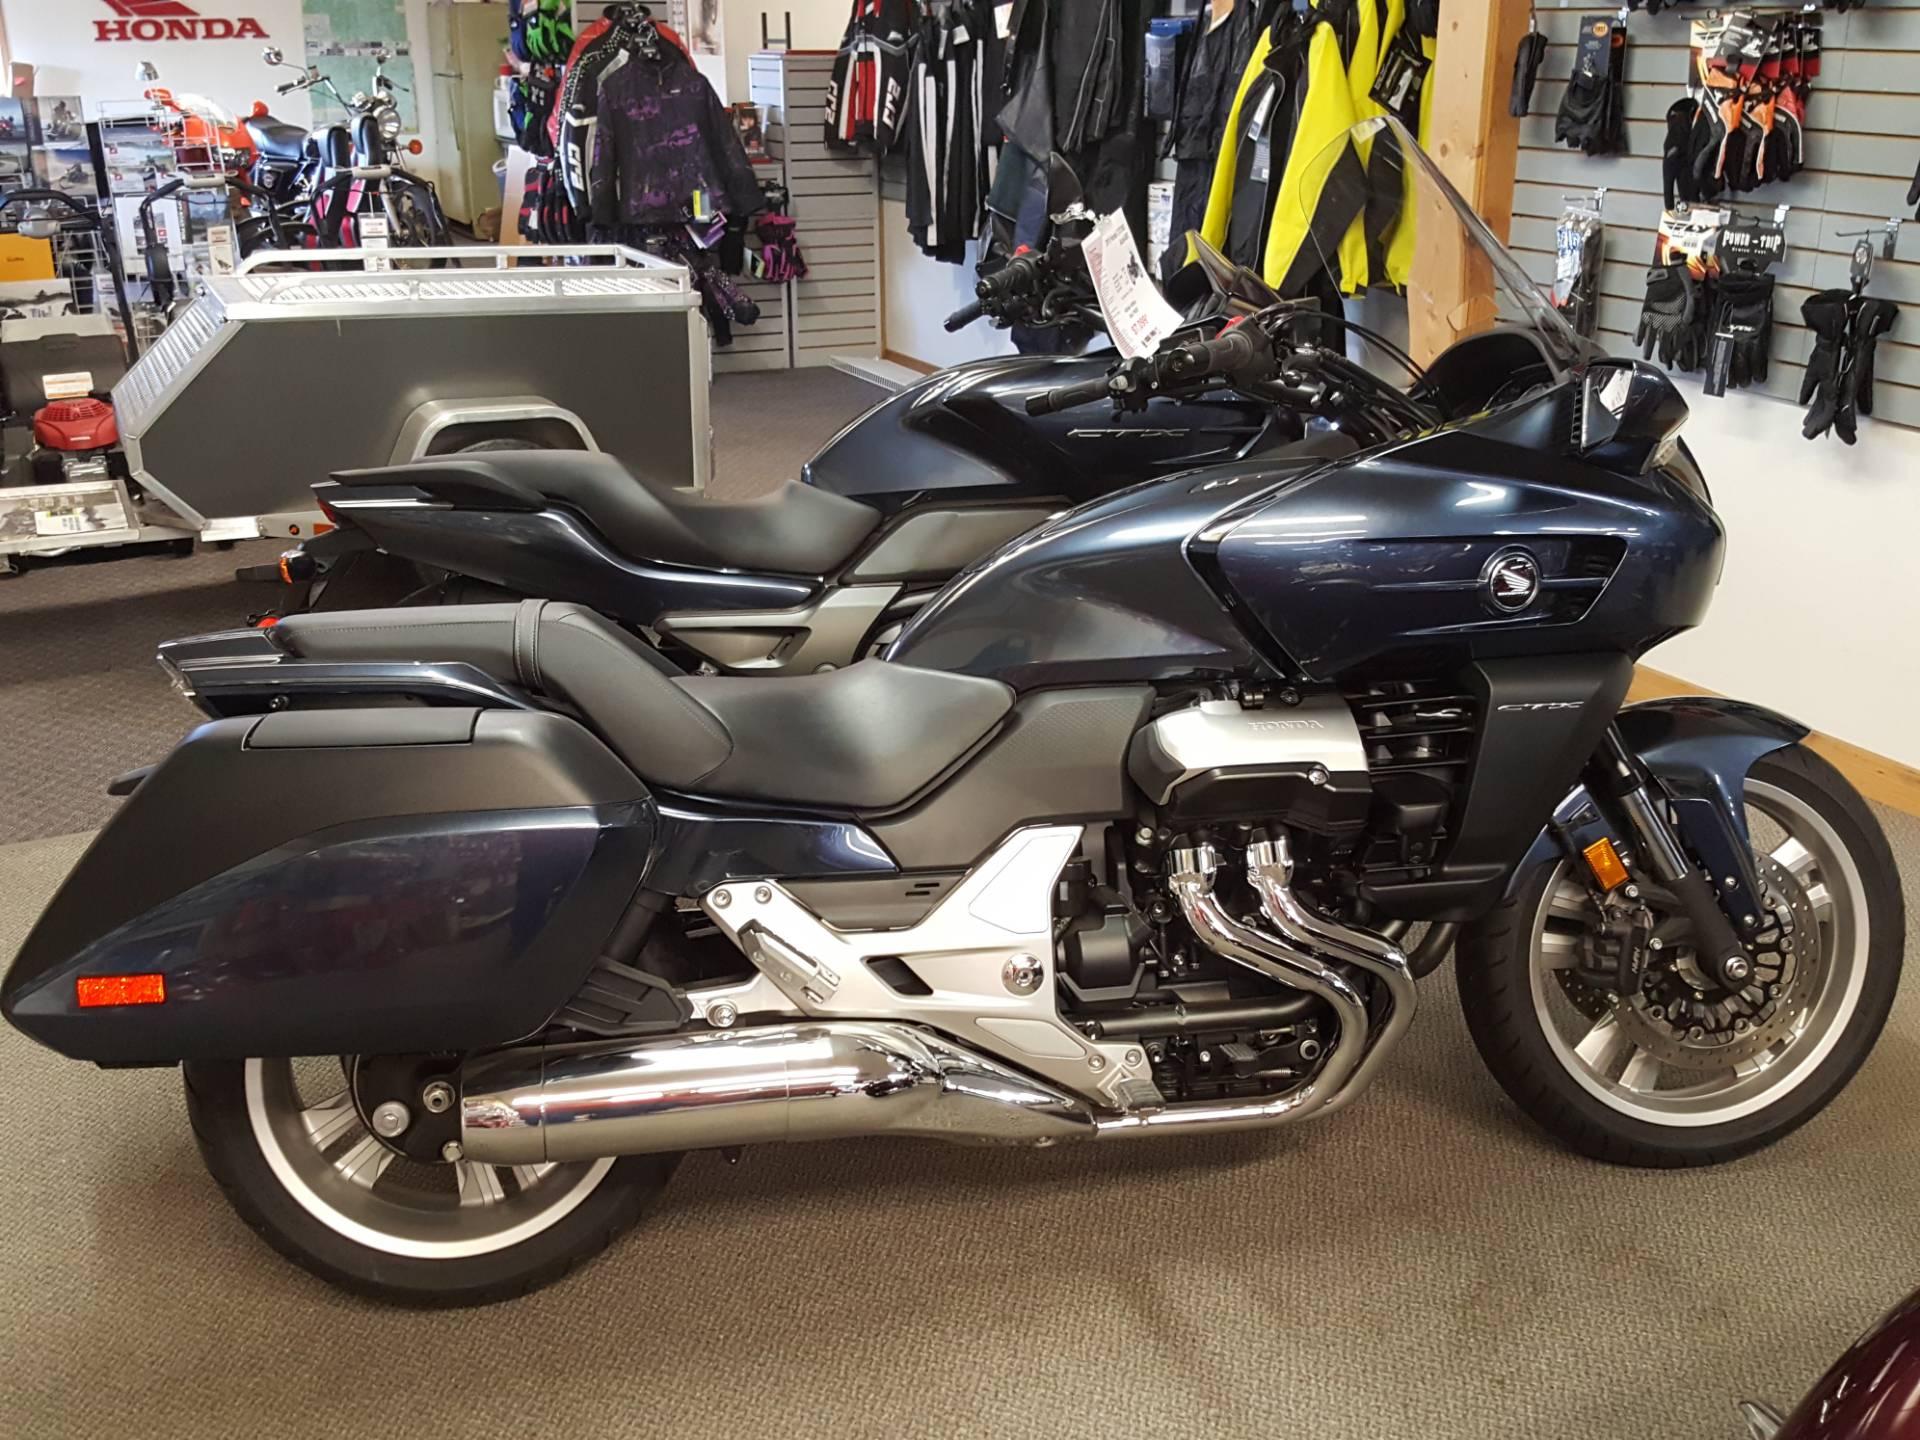 Used 2014 Honda CTX 1300 Motorcycles in Rhinelander WI